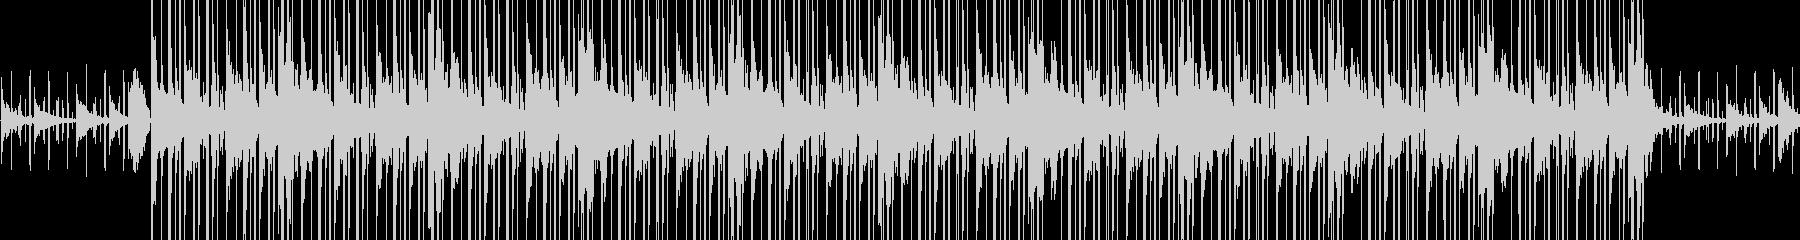 オシャレ/Lo-Fi/チルアウトの未再生の波形